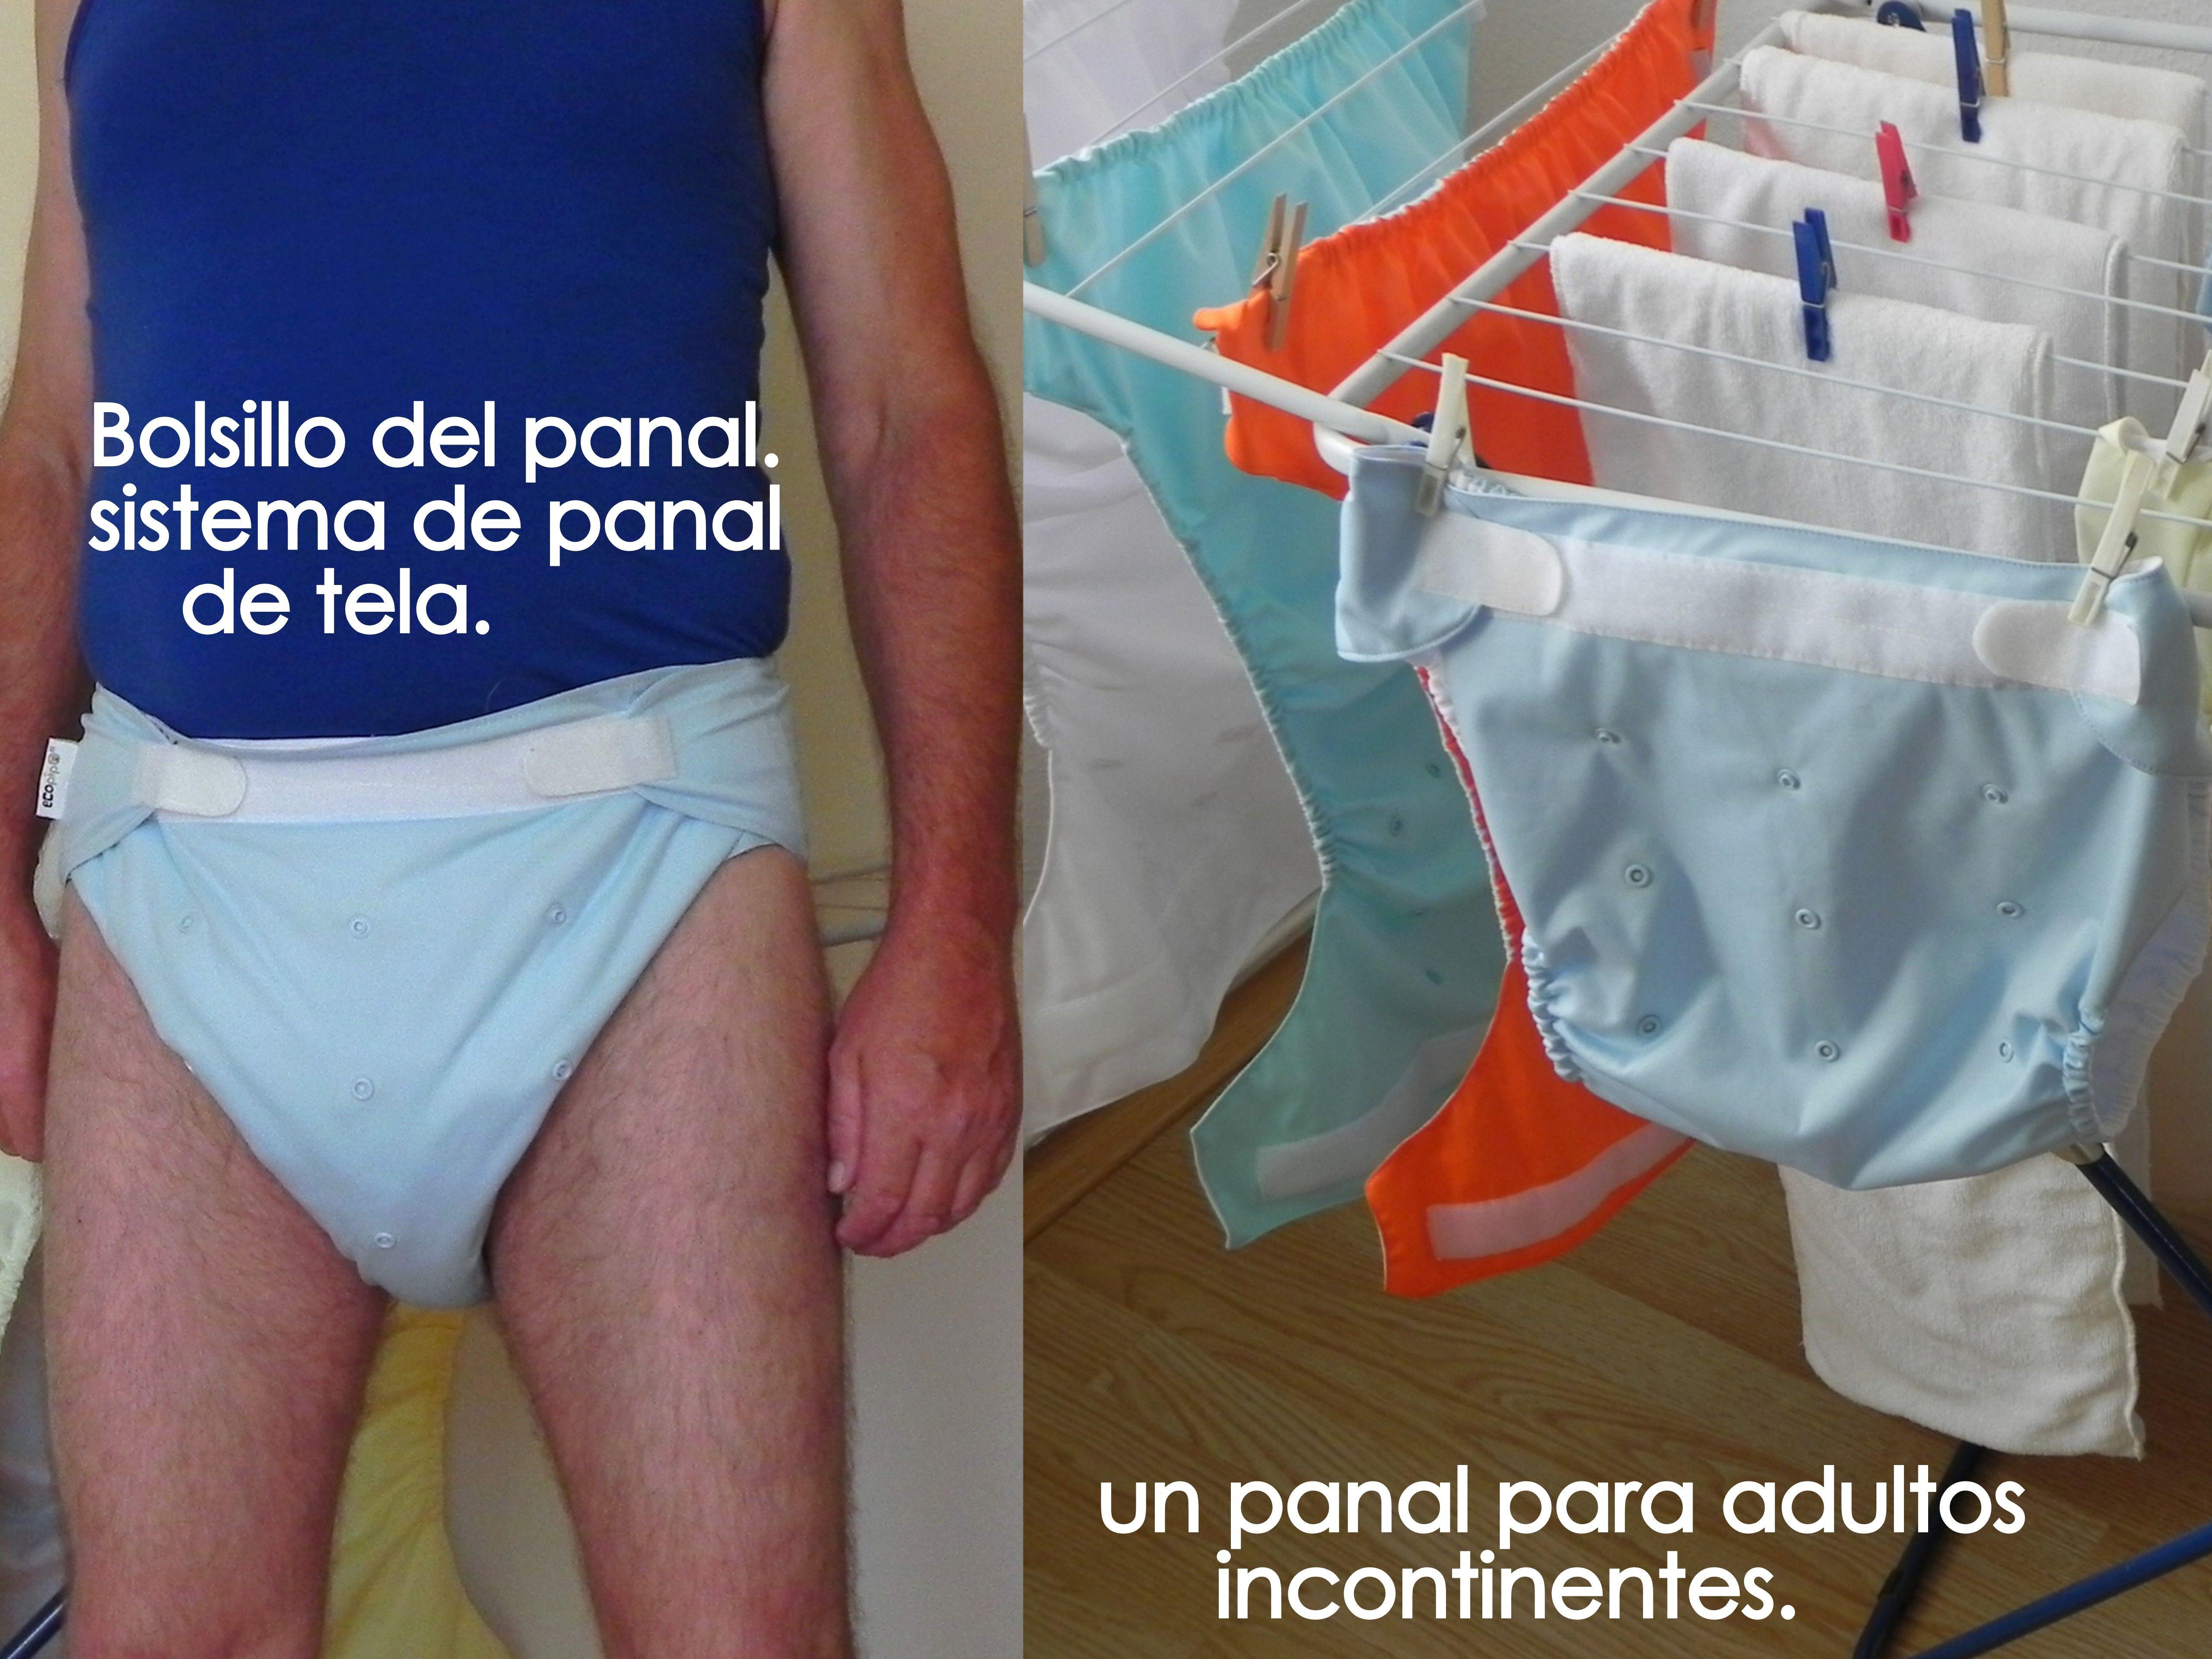 Stoffwindeln windeln f r erwachsene inkontinenz panales - Paneras de tela ...